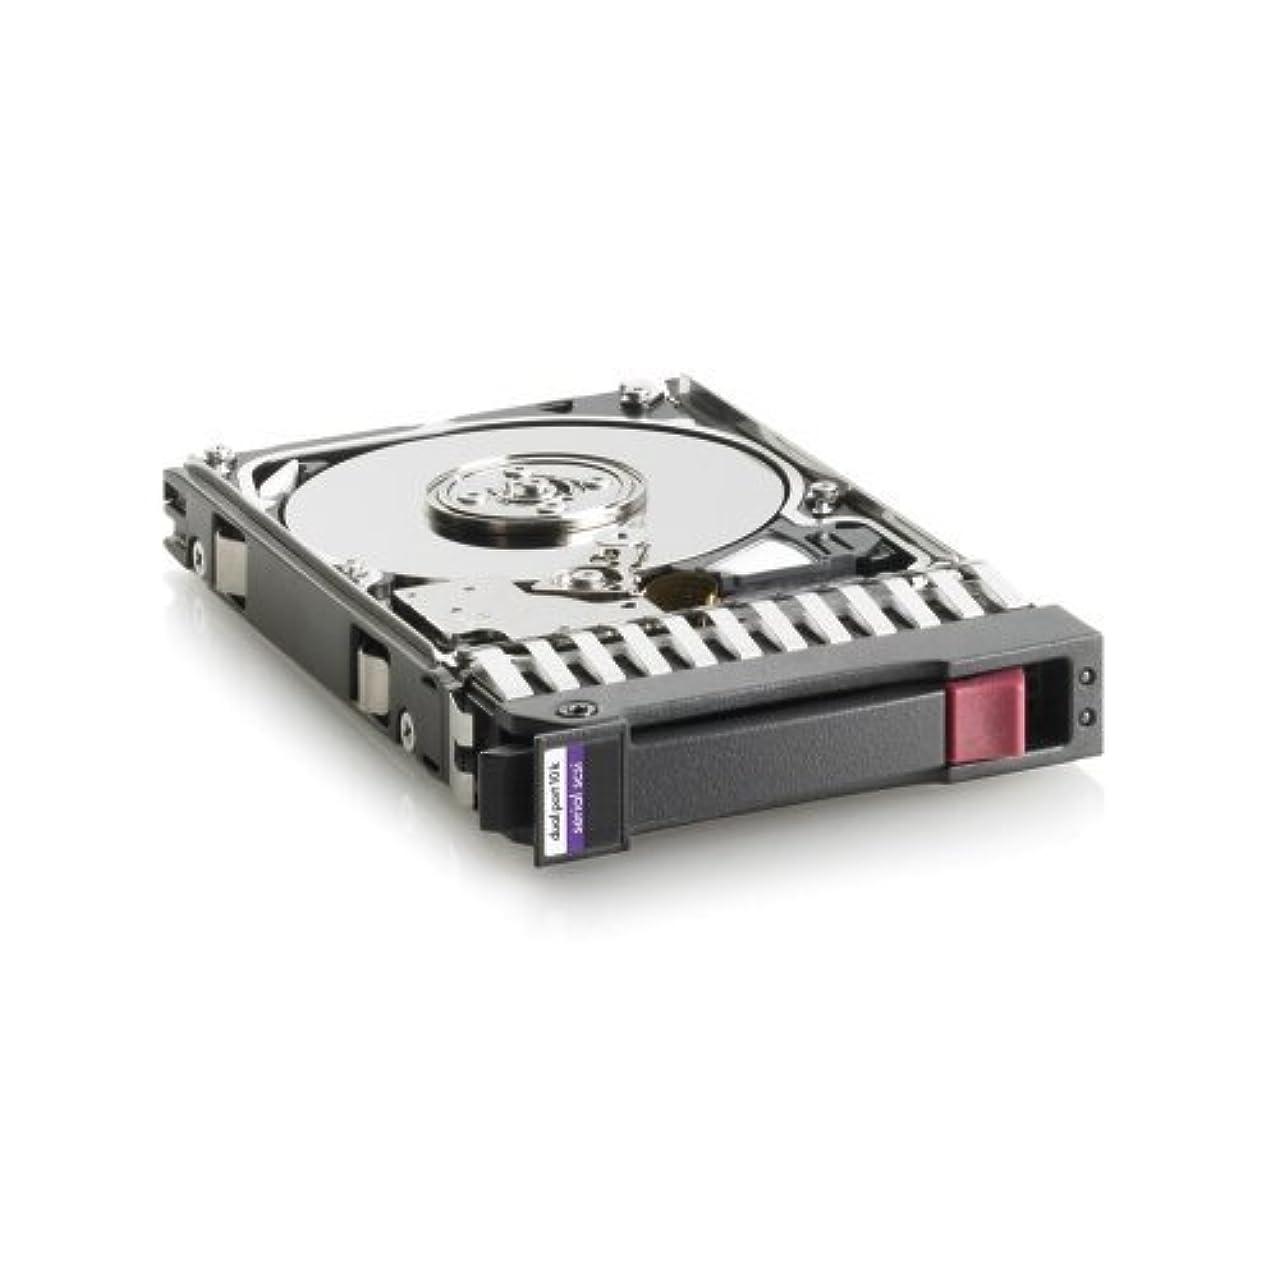 HP 418399-001 HP 146GB 10K DISK 2-PORT SAS-300 2.5IN (418399001)